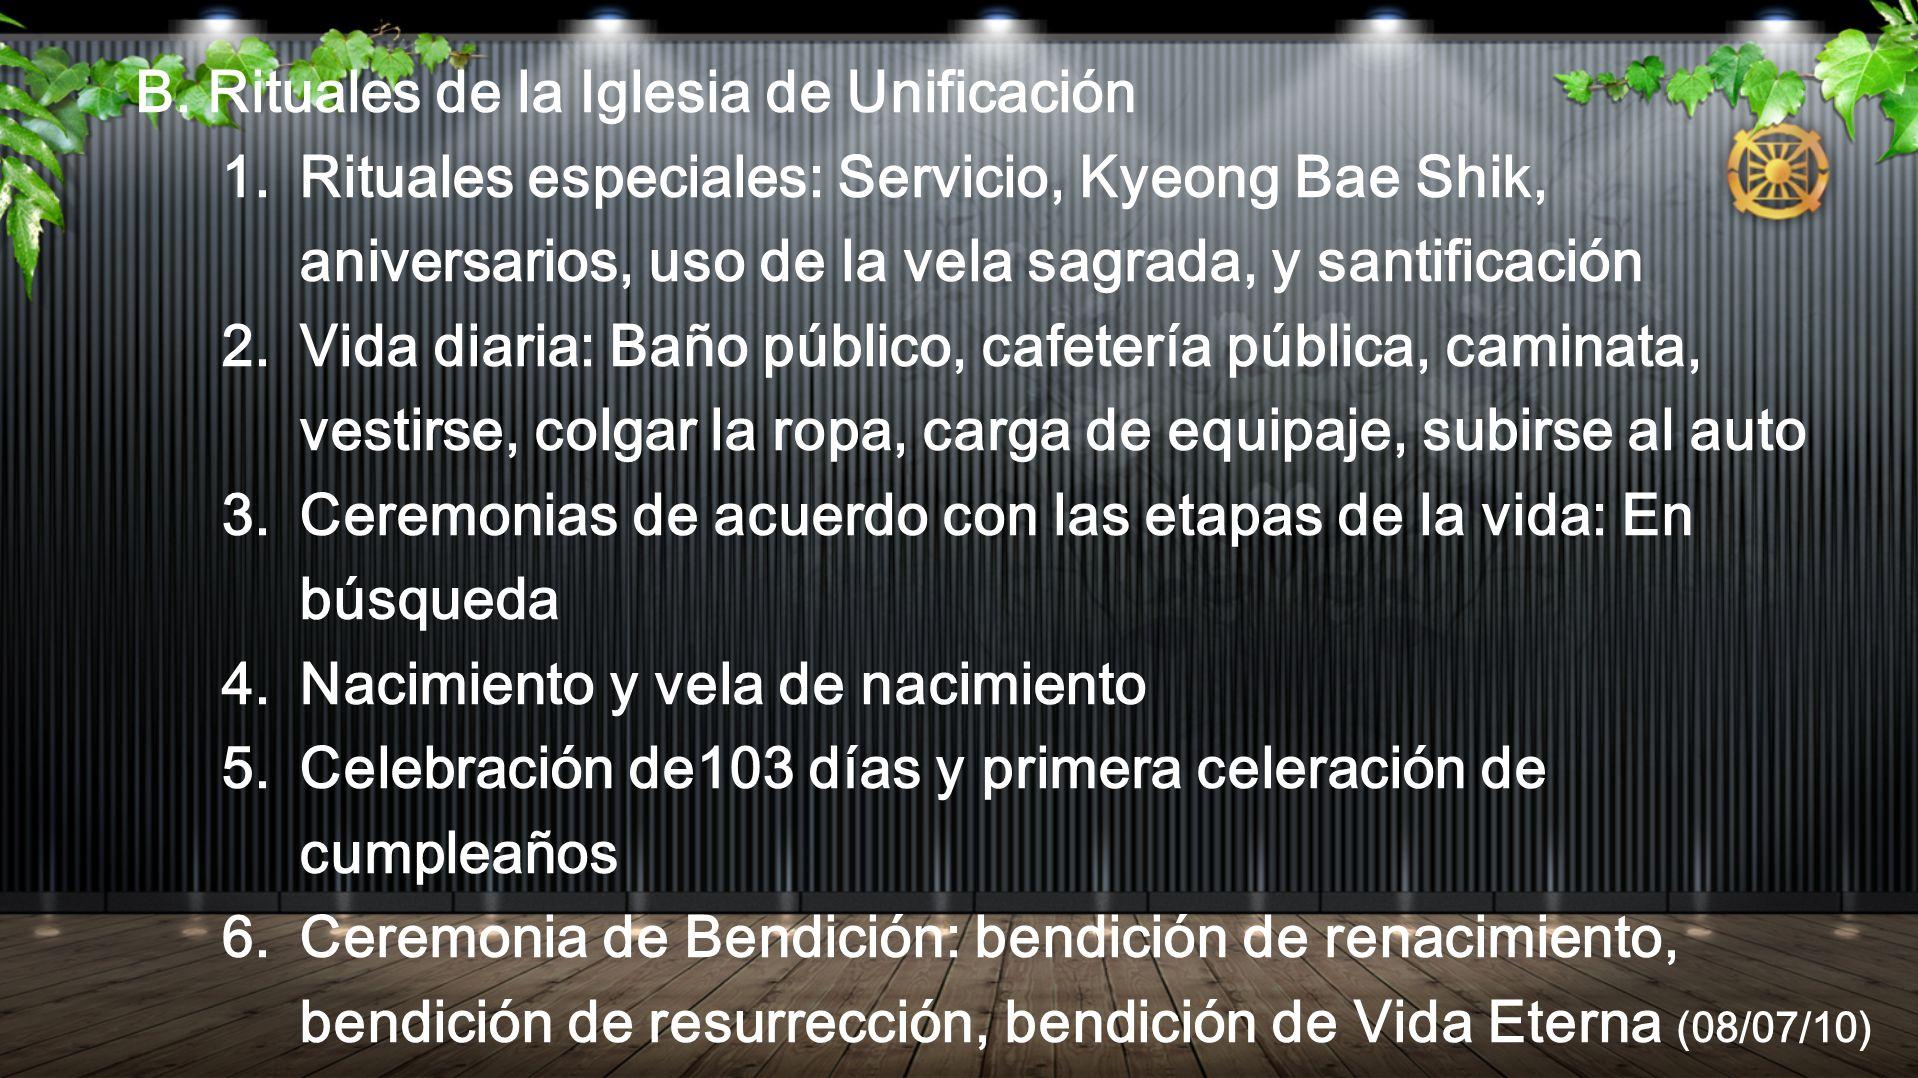 B. Rituales de la Iglesia de Unificación 1. Rituales especiales: Servicio, Kyeong Bae Shik, aniversarios, uso de la vela sagrada, y santificación 2. V